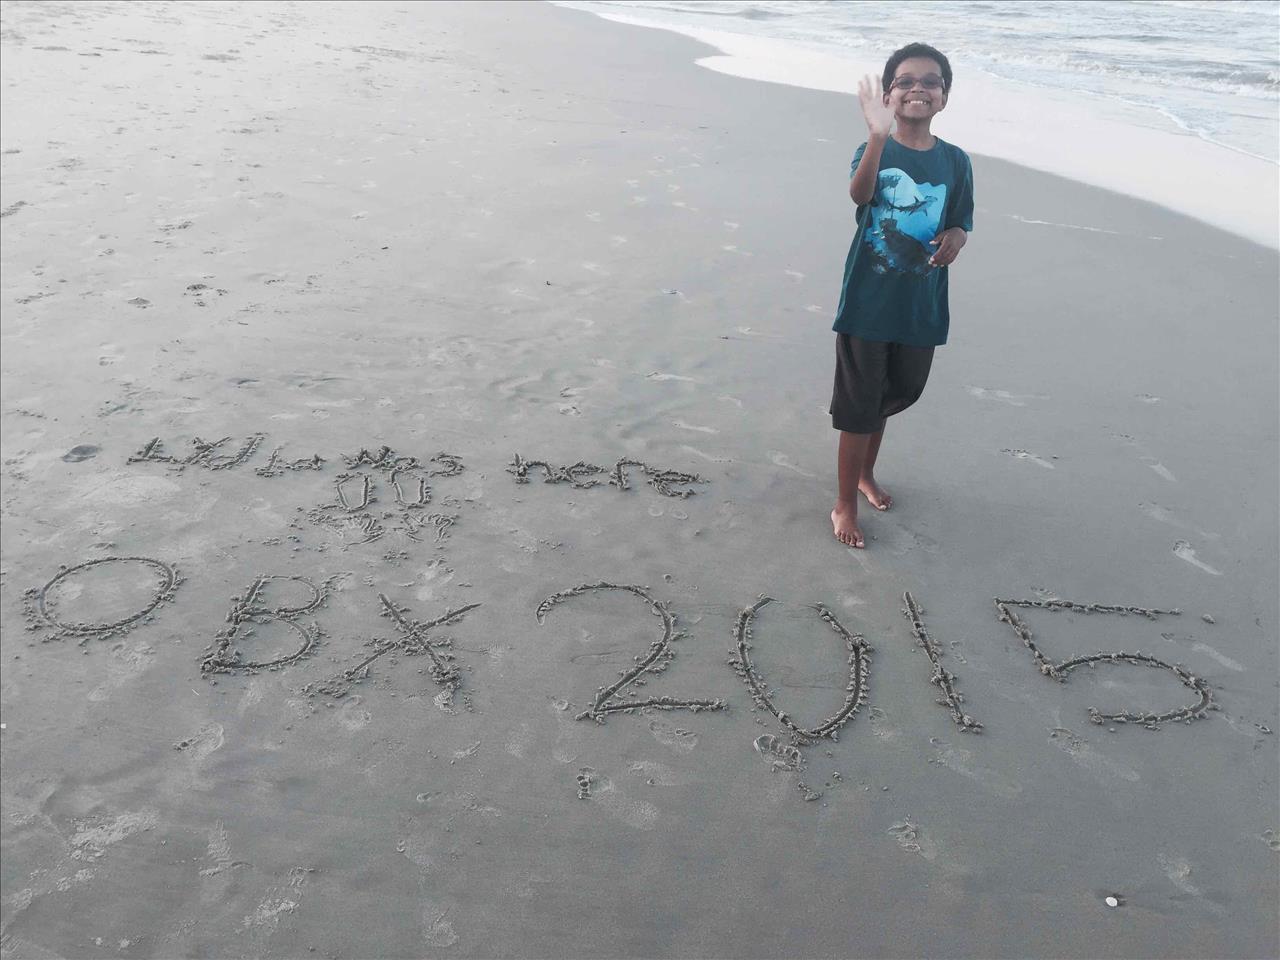 August 2015 Stay - WR5C - Ocean Sunrise, mohammed esslami